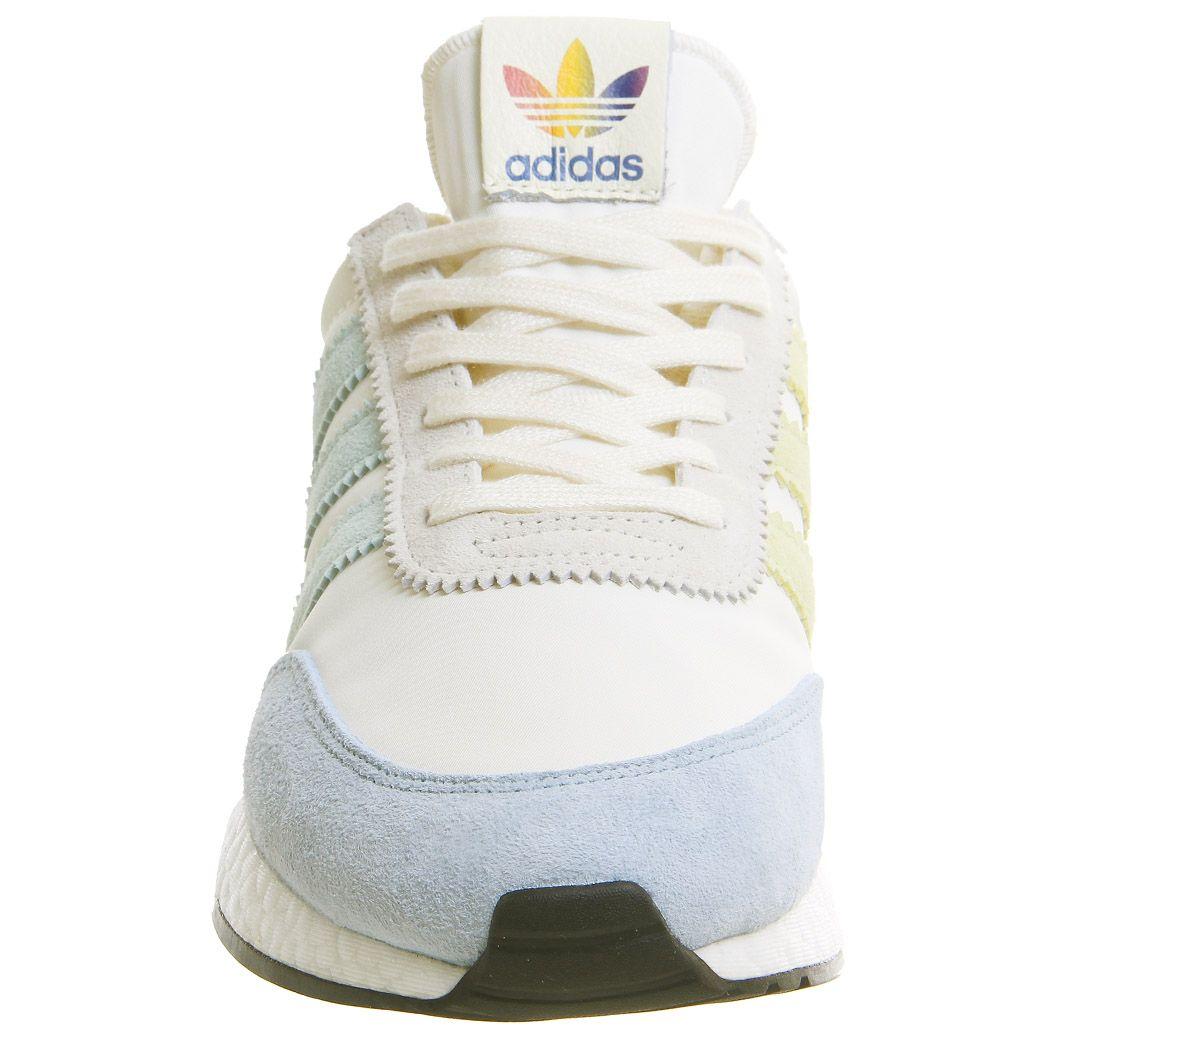 the latest 3059e 7290e adidas I-5923 Trainers Pride Cream White Core Black - His trainers